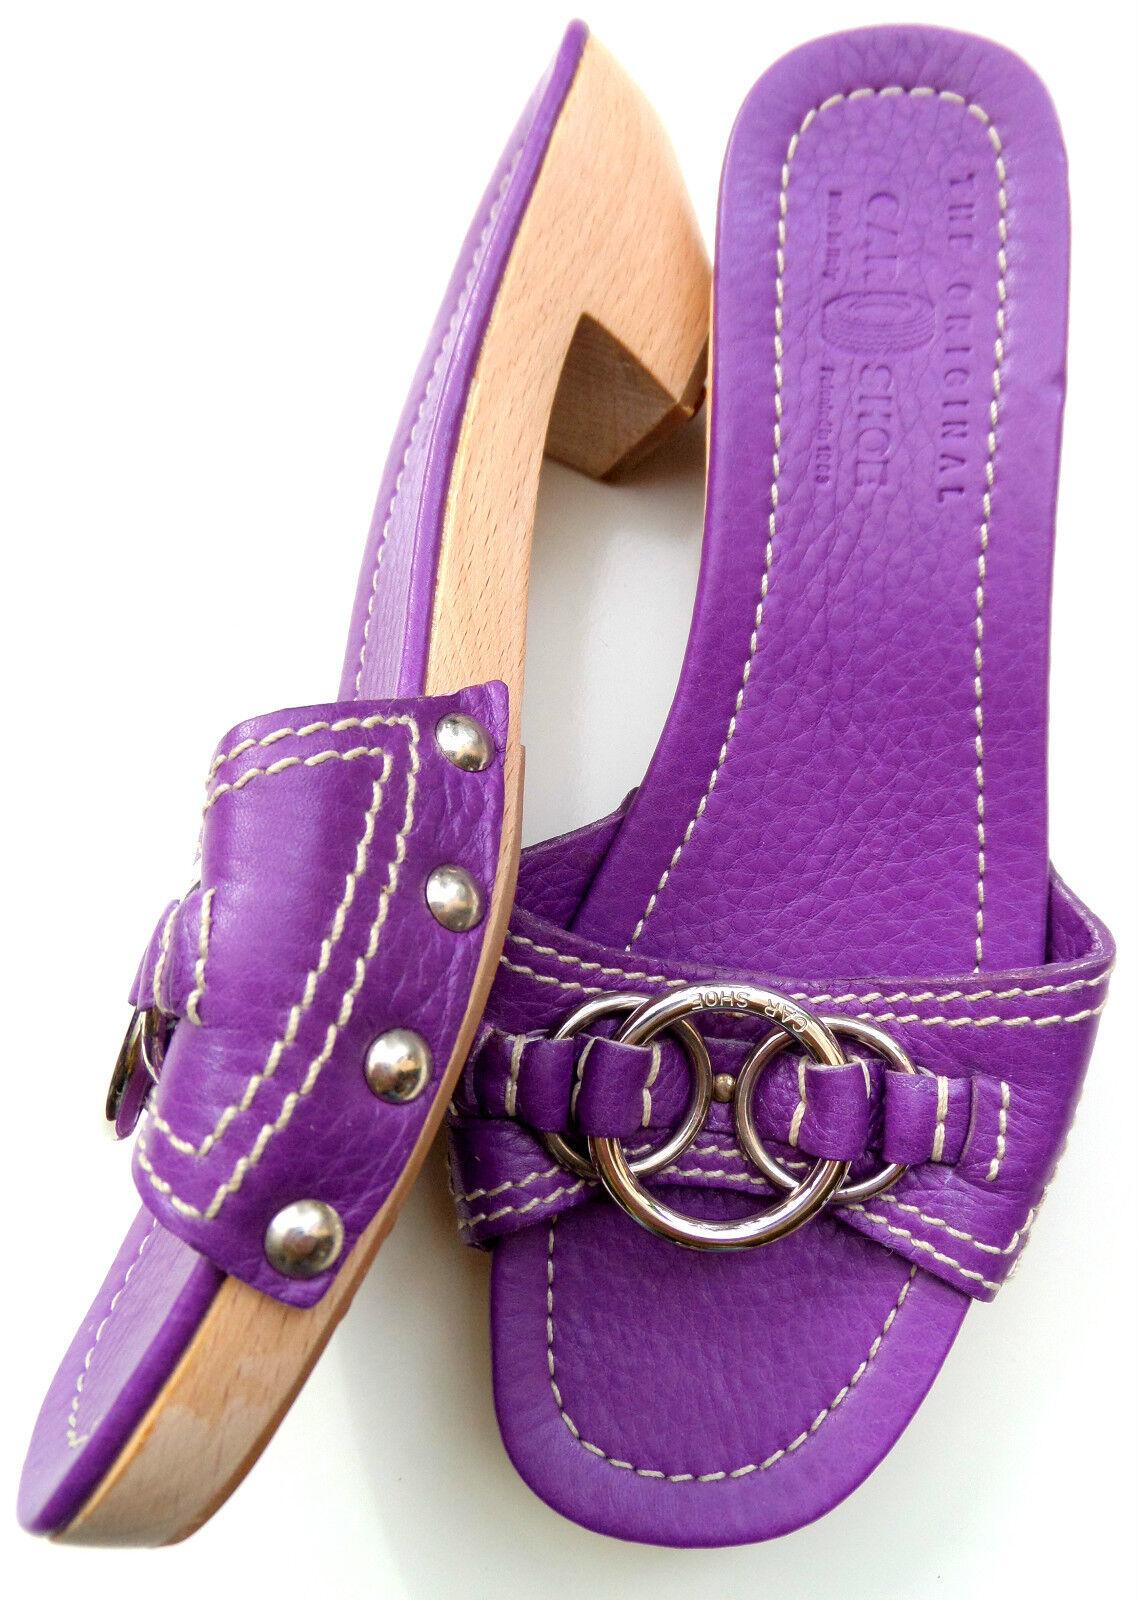 CBR SHOE by PRBDB Luxus Damen Sandalette in Gr D 36.5 e v t l 37 Neuw L I L B